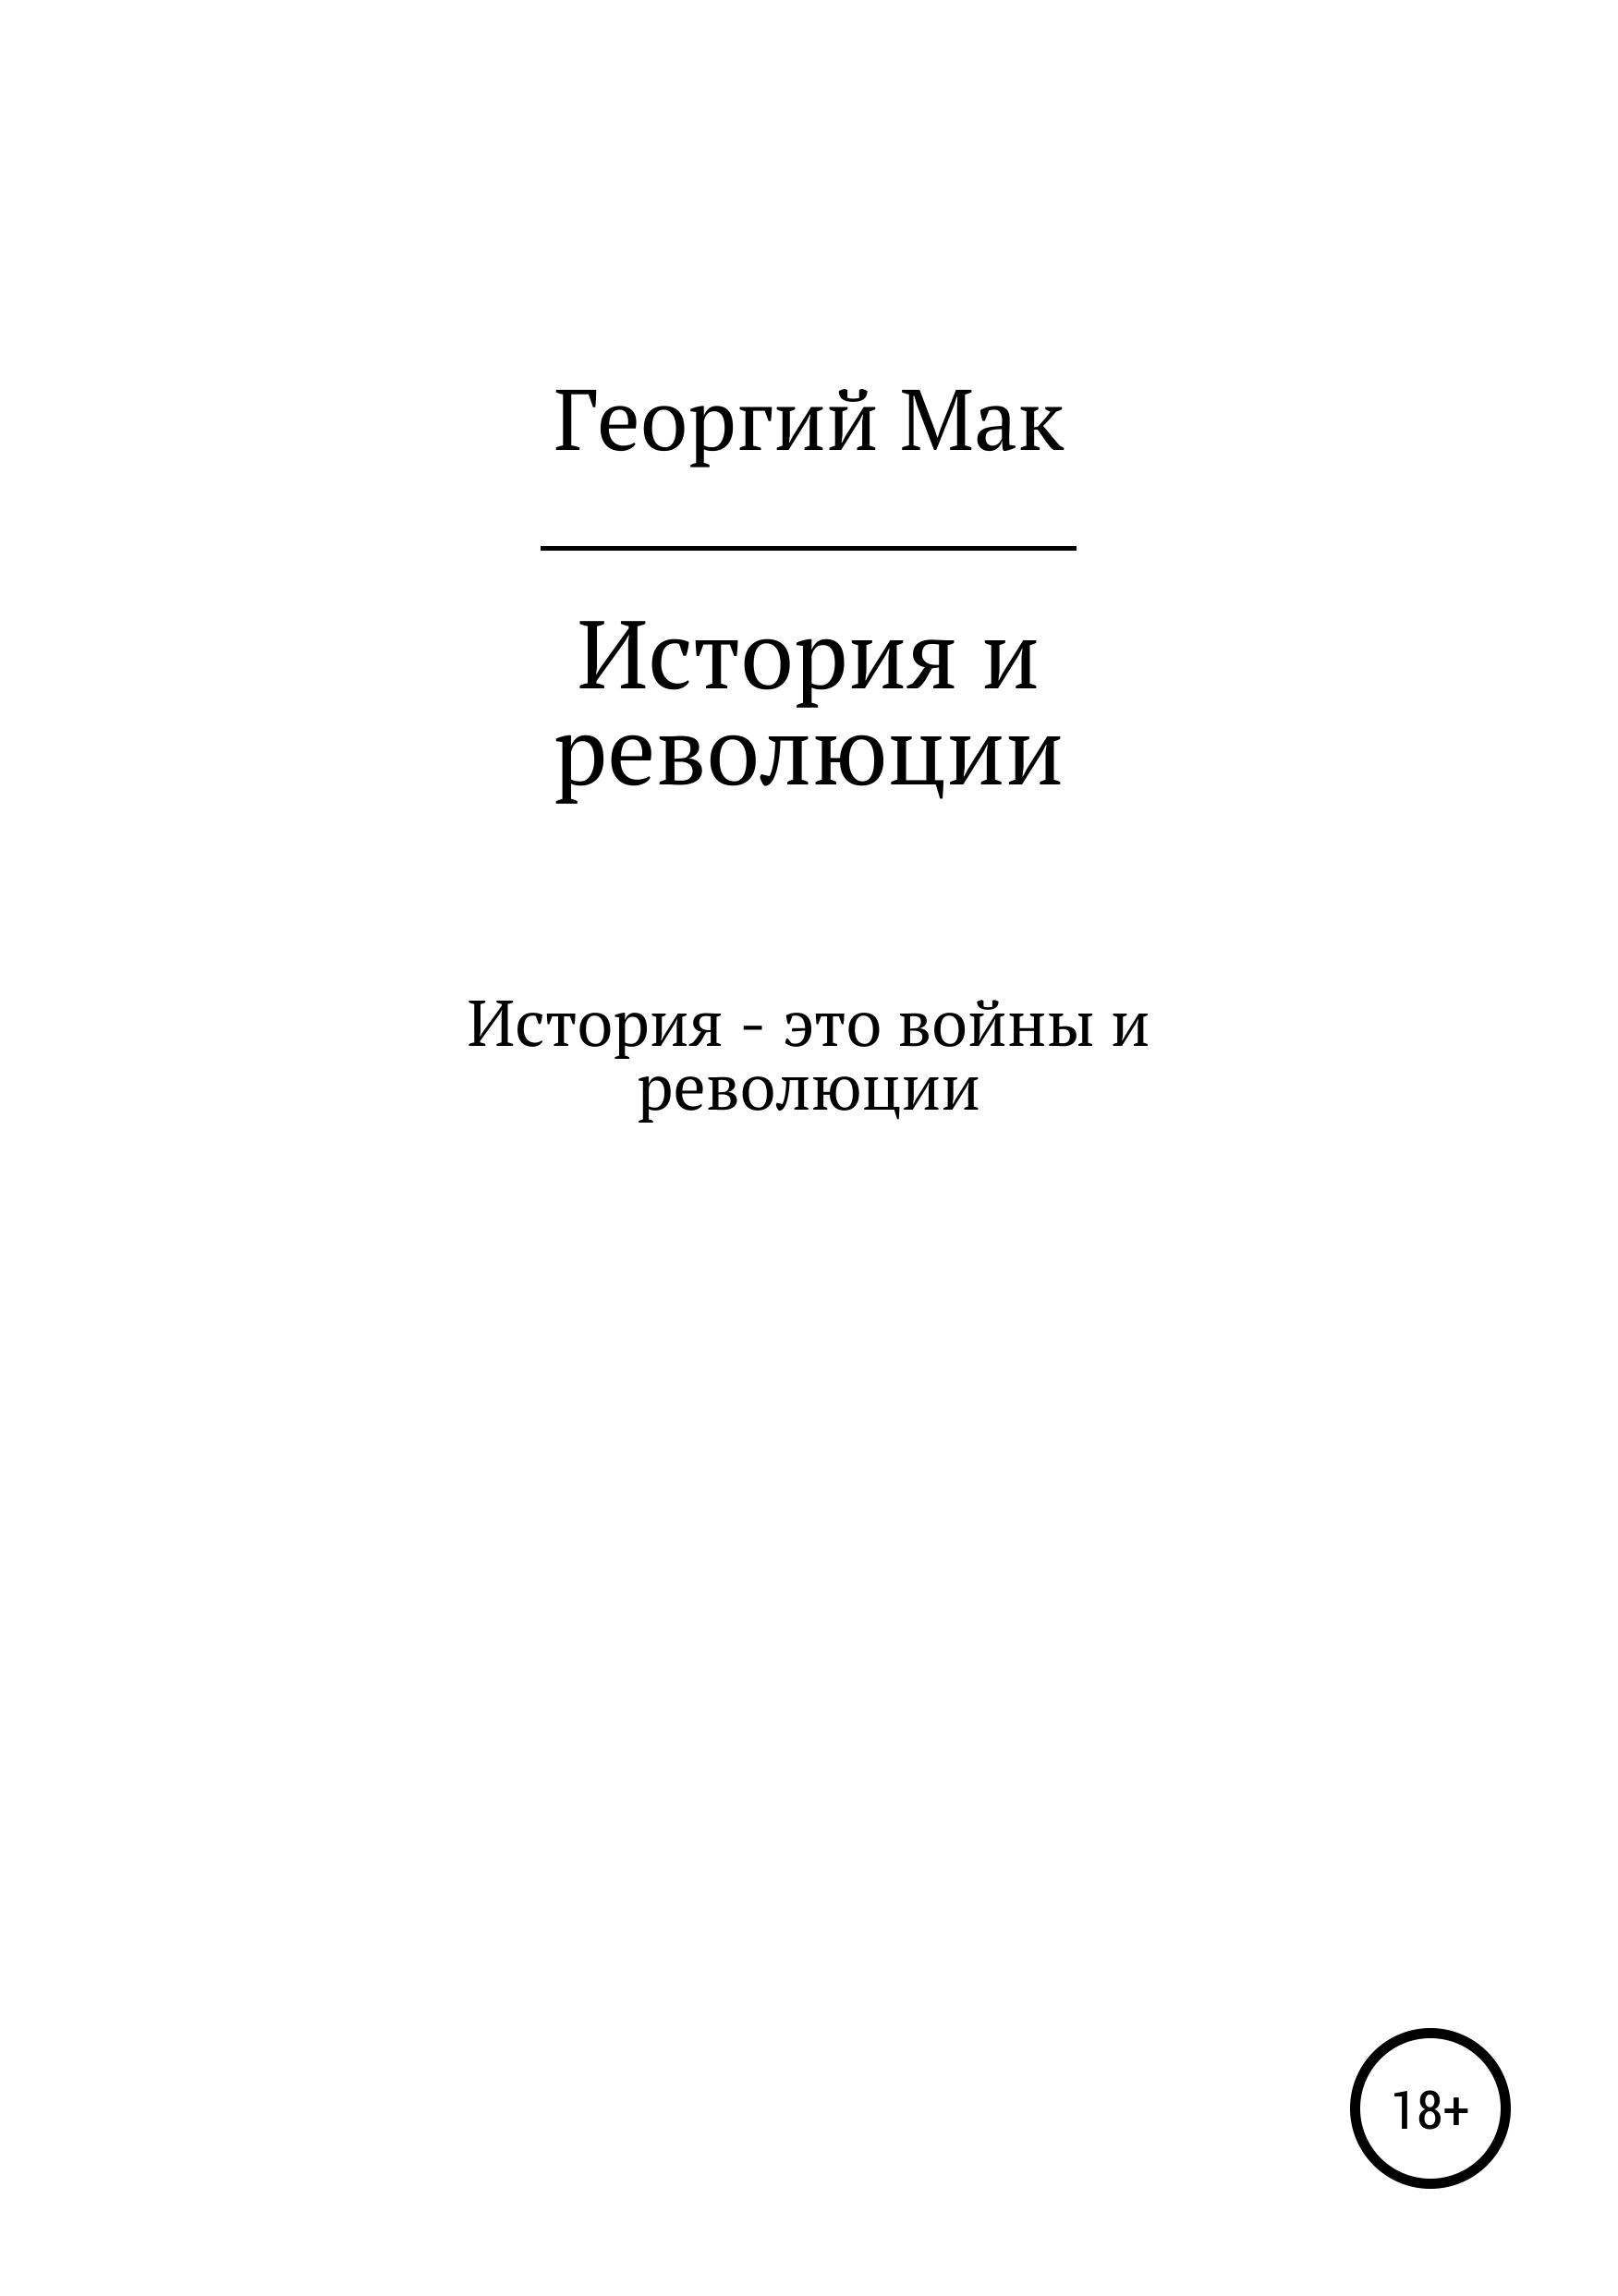 цены Георгий Сергеевич Мак История и революции